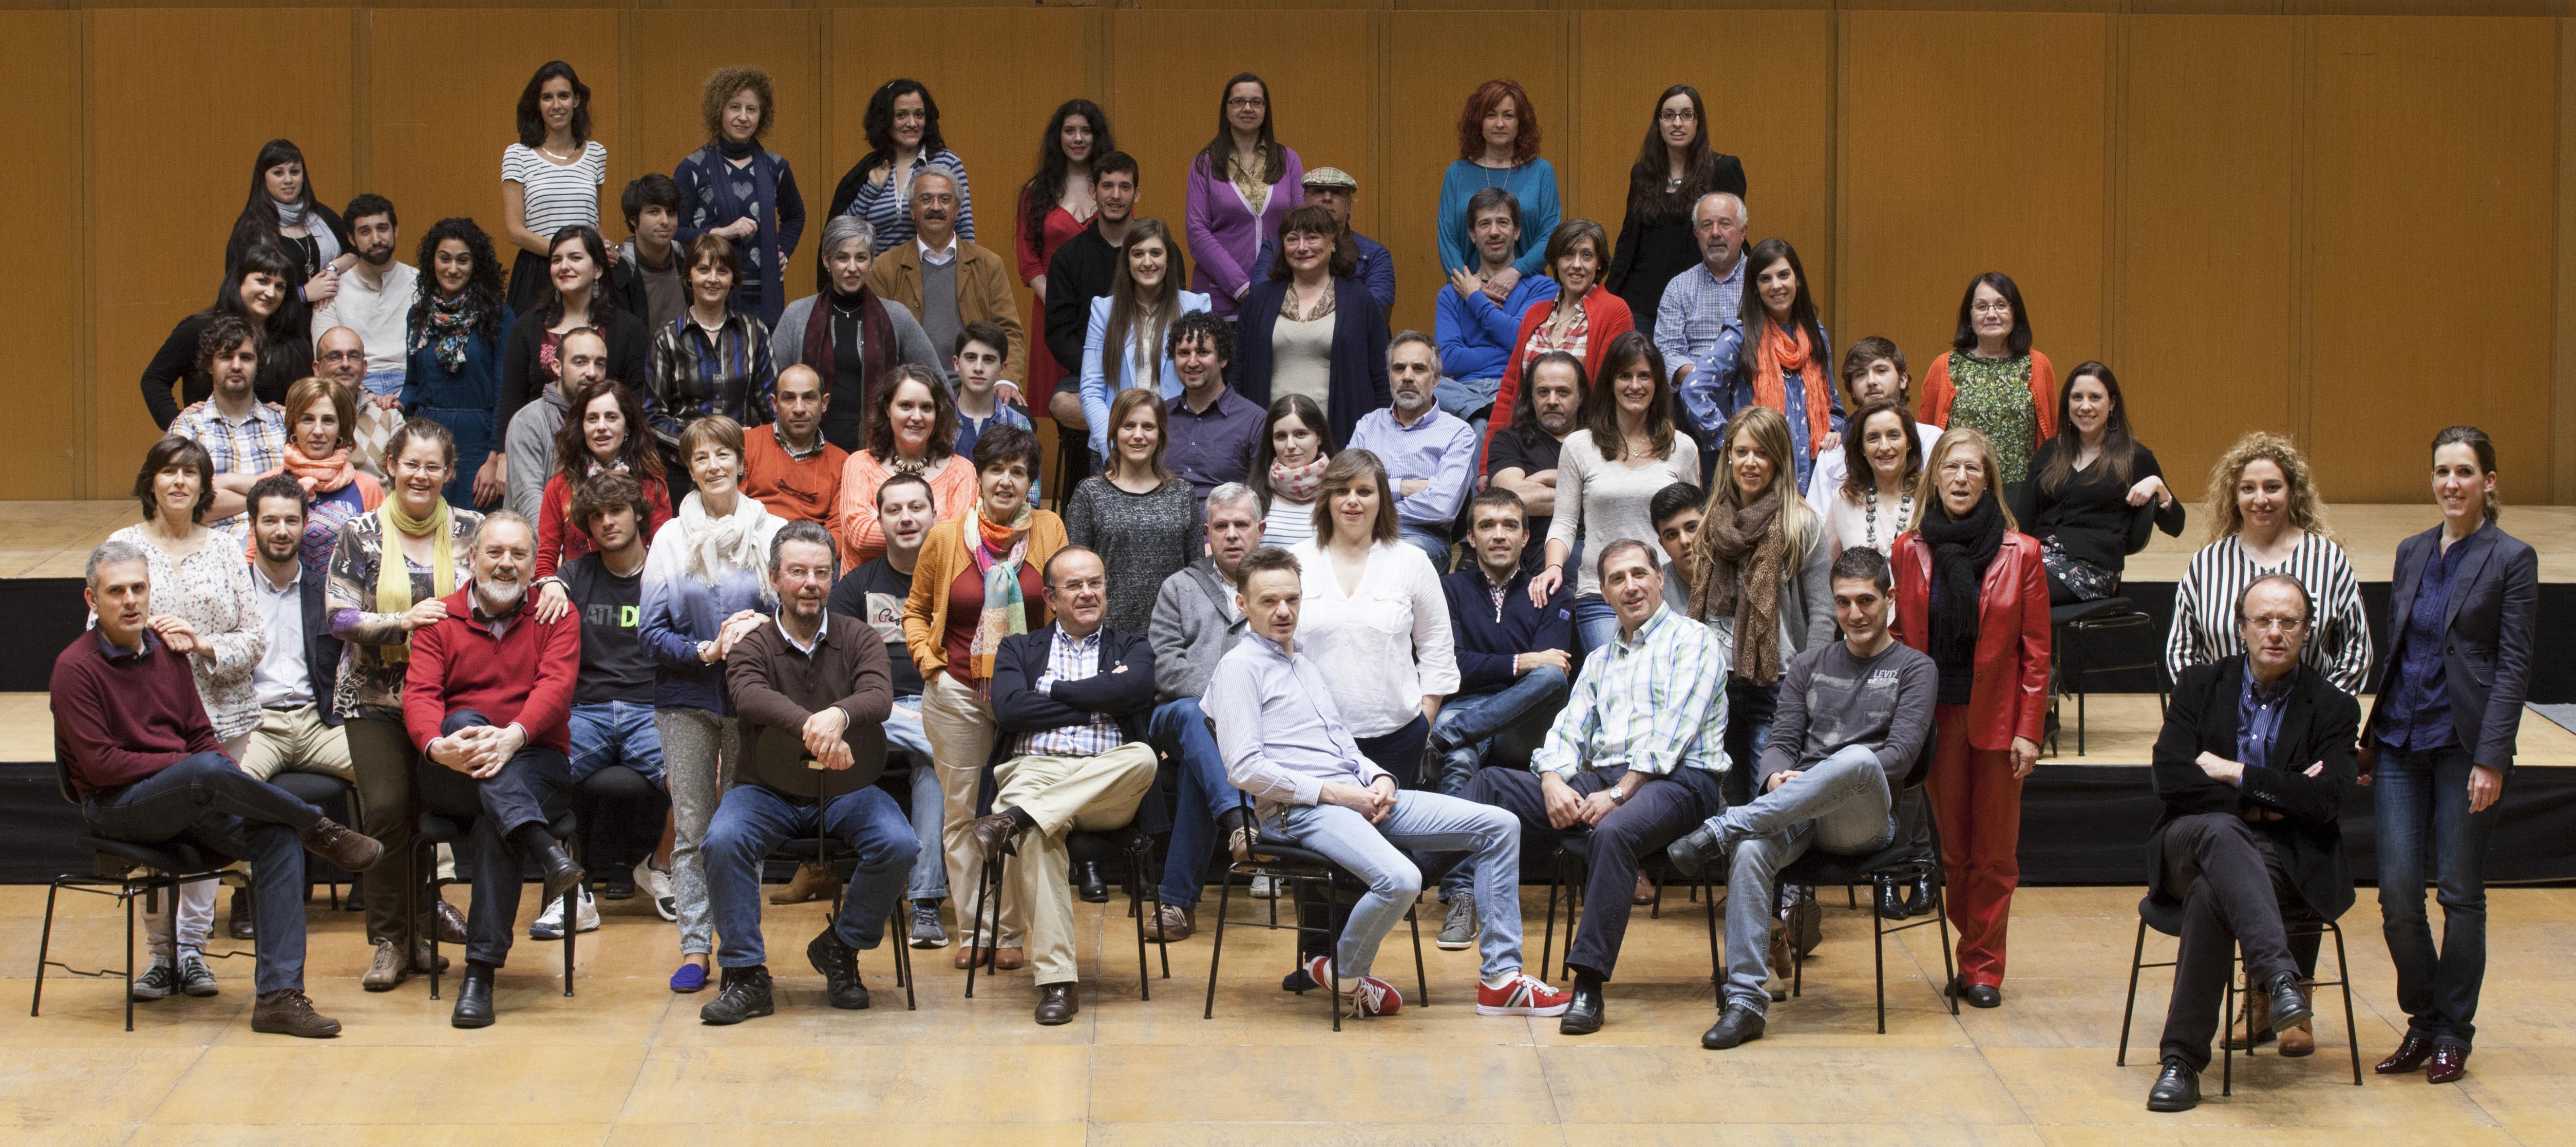 El Coro de la OSG selecciona nuevas voces para la temporada 17-18